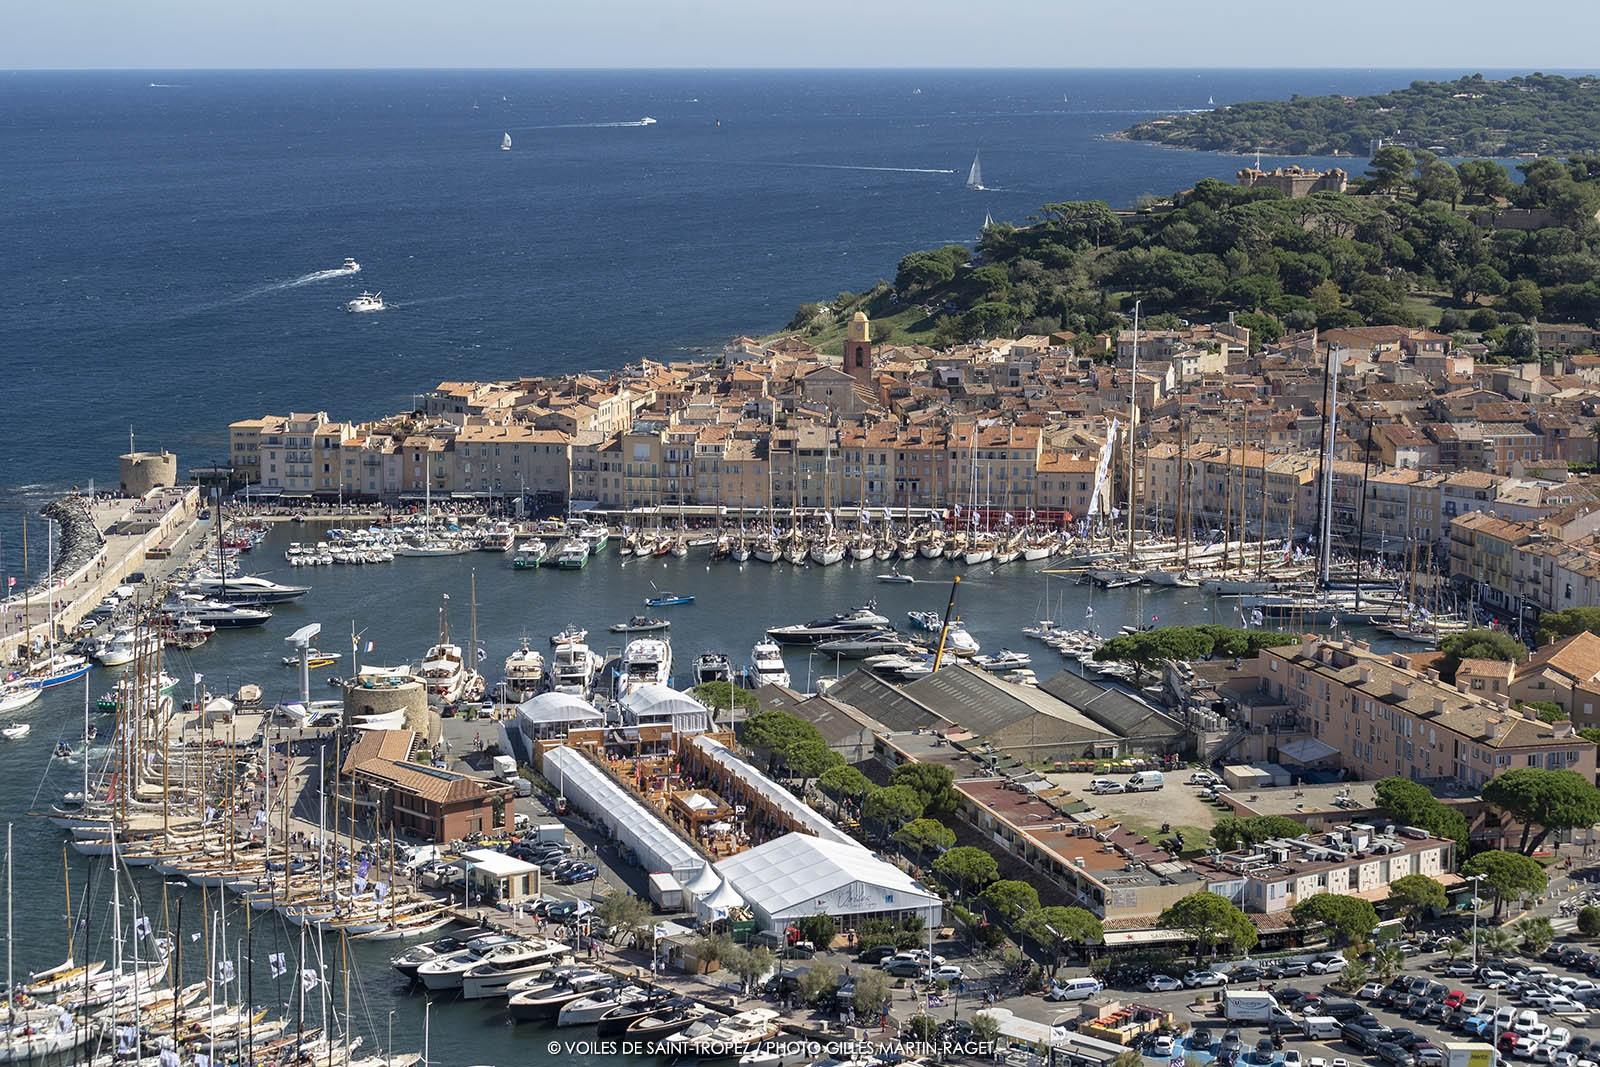 Les Voiles de Saint-Tropez Celebrate 20 Years!